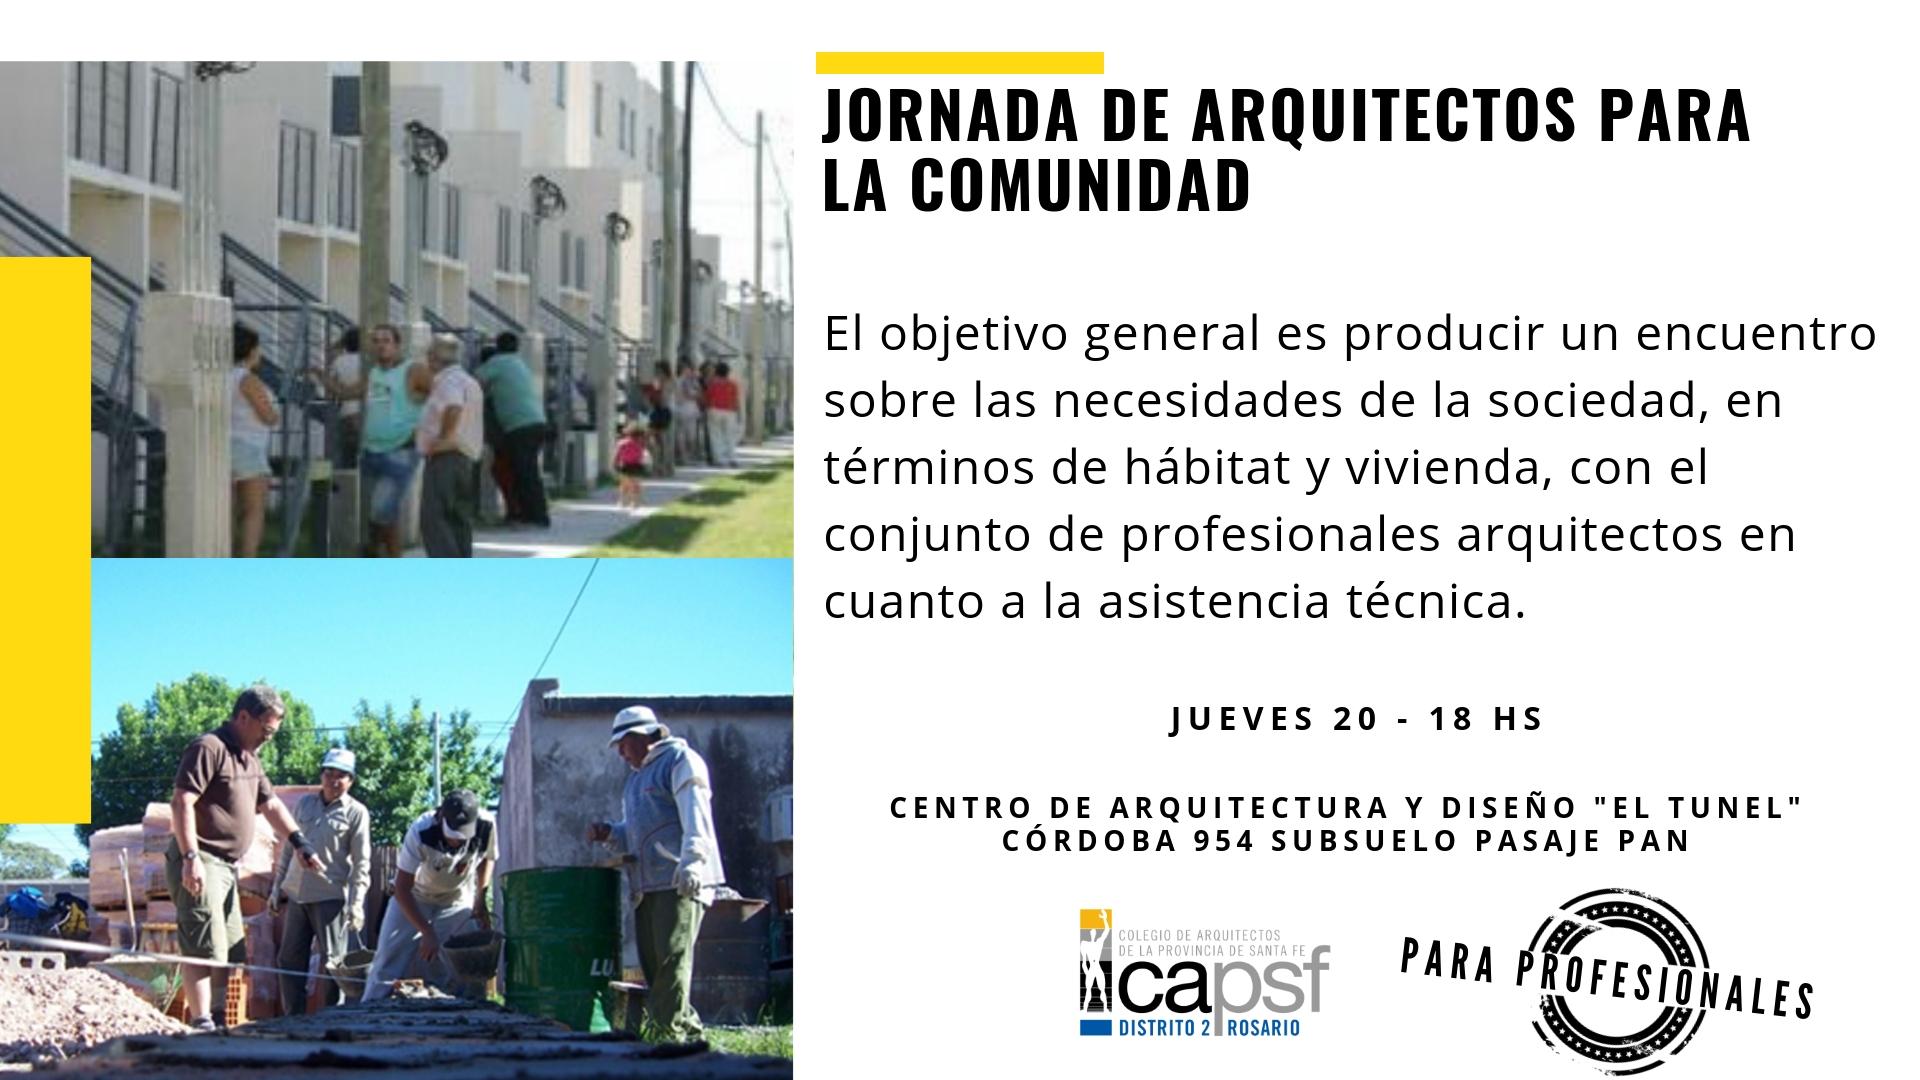 jornada de arquitectos para la comunidad | CAd2